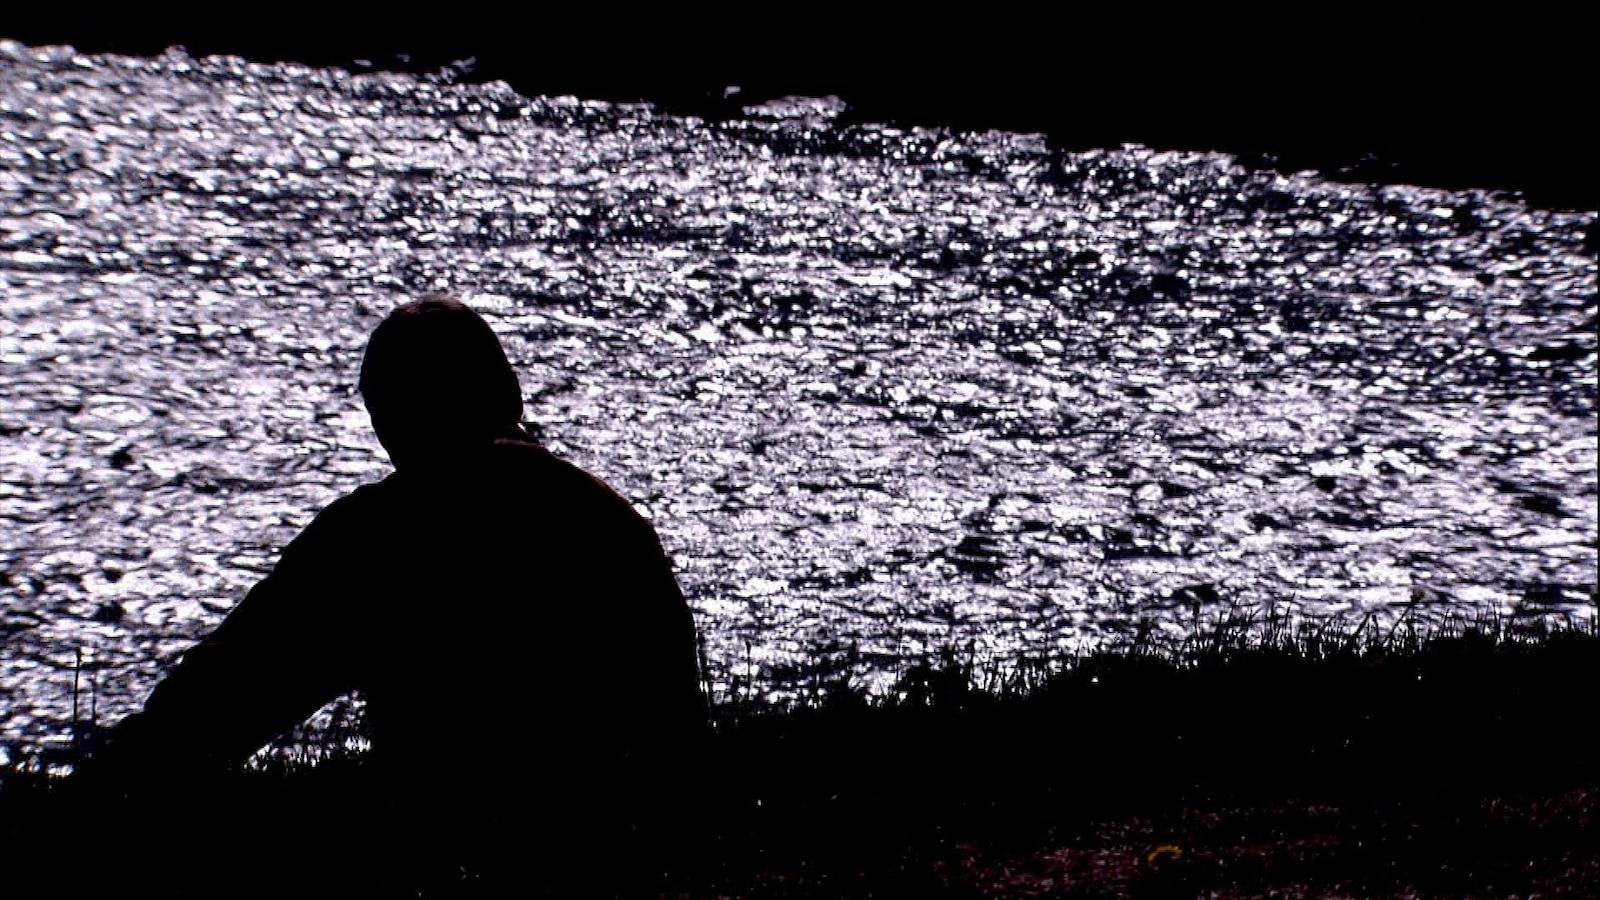 Un homme sur le bord de l'eau